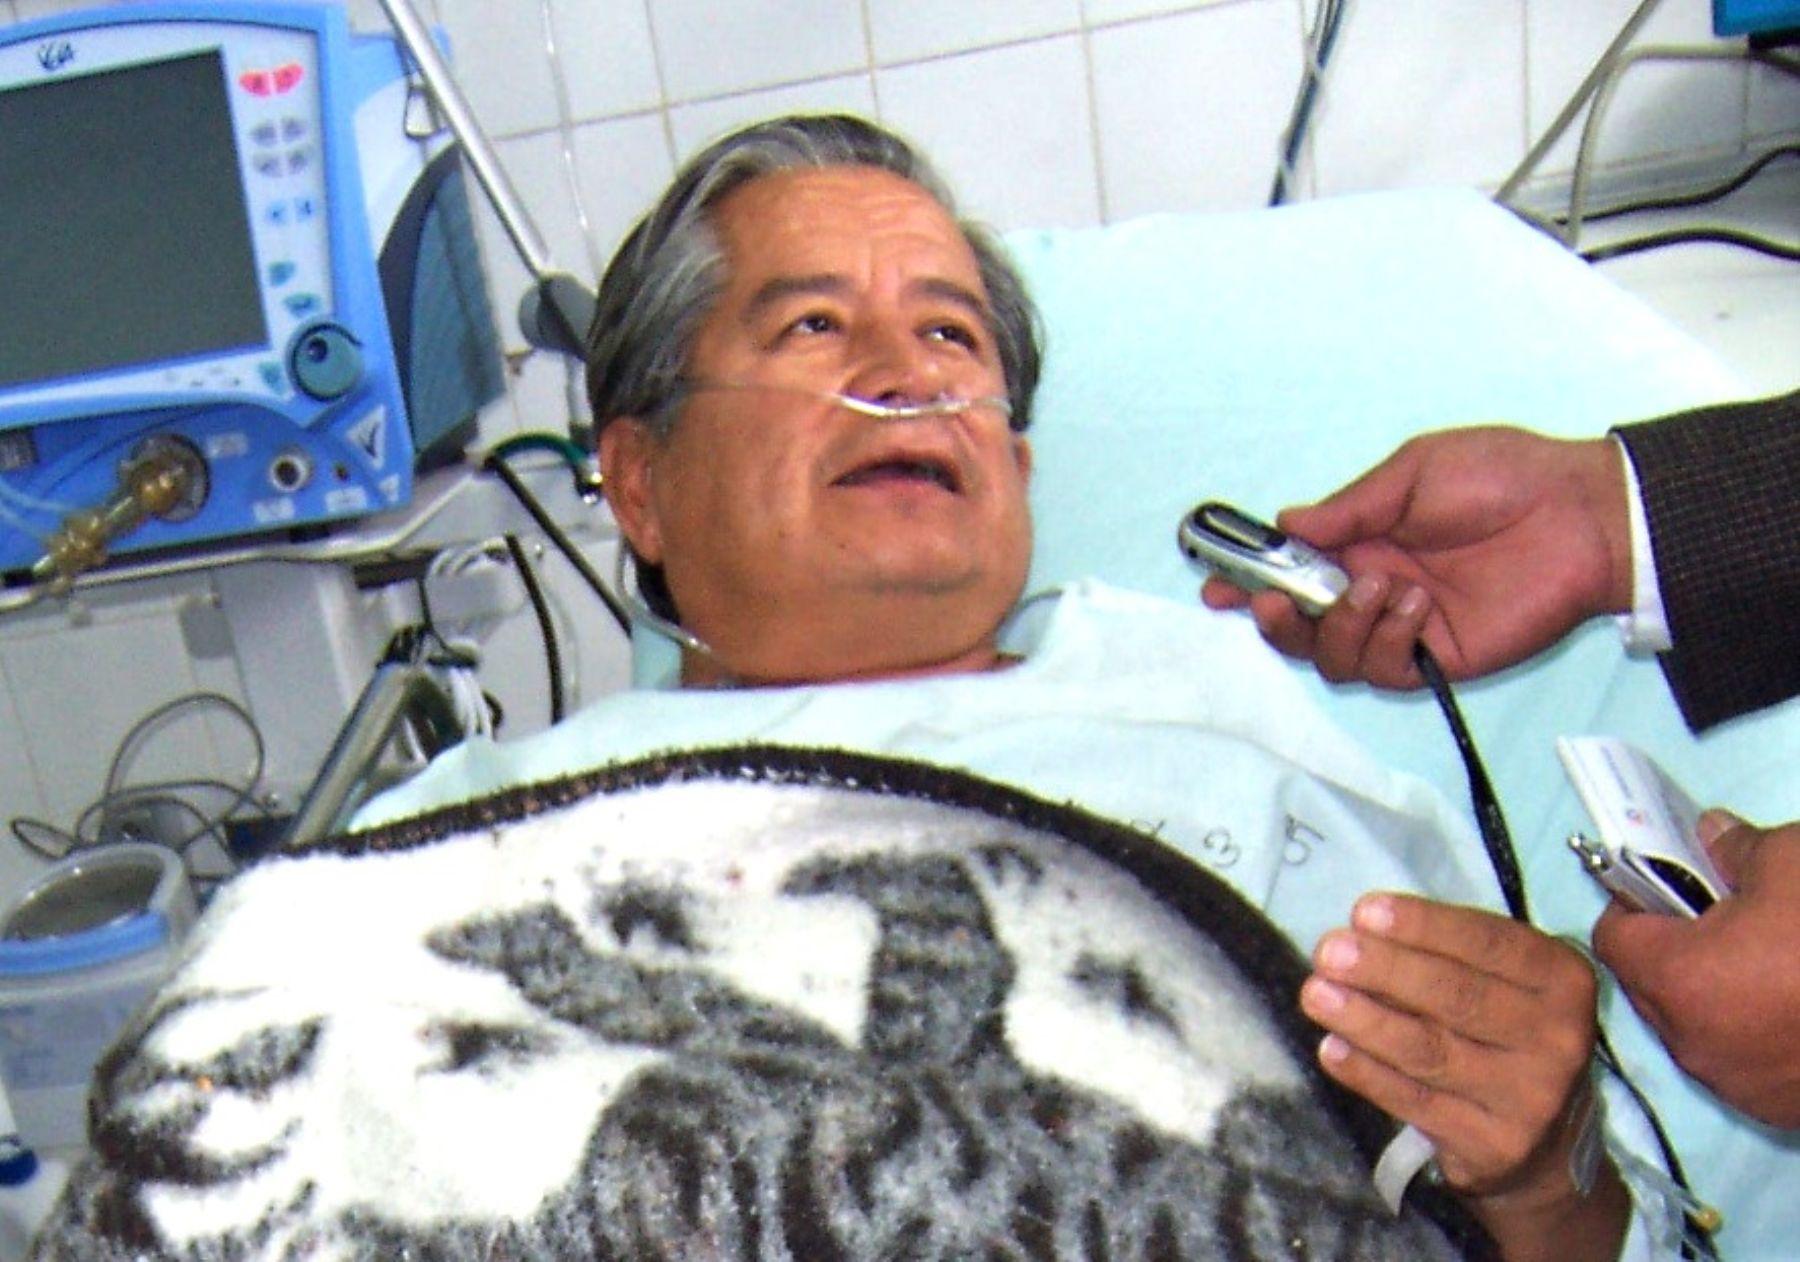 El intervenido vicepresidente regional de Cajamarca, Aníbal Balcázar, fue hospitalizado esta mañana por presentar una crisis de hipertensión.